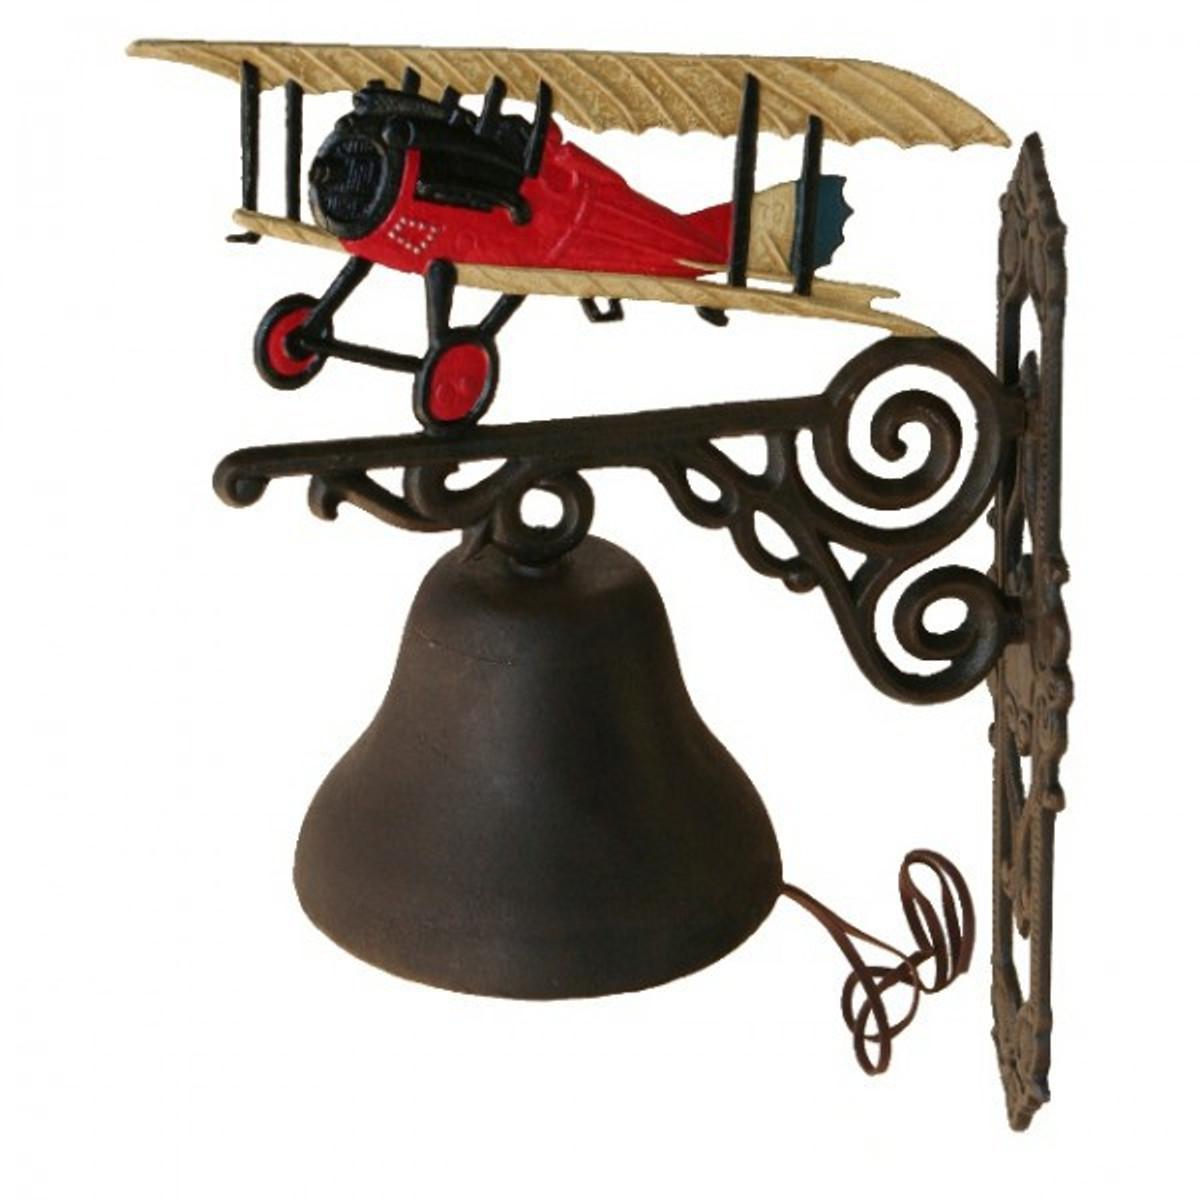 Wandglocke Doppeldecker Glocke Dekoration rotes Flugzeug bestellen Sie jetzt gleich für sich oder als Geschenk online.